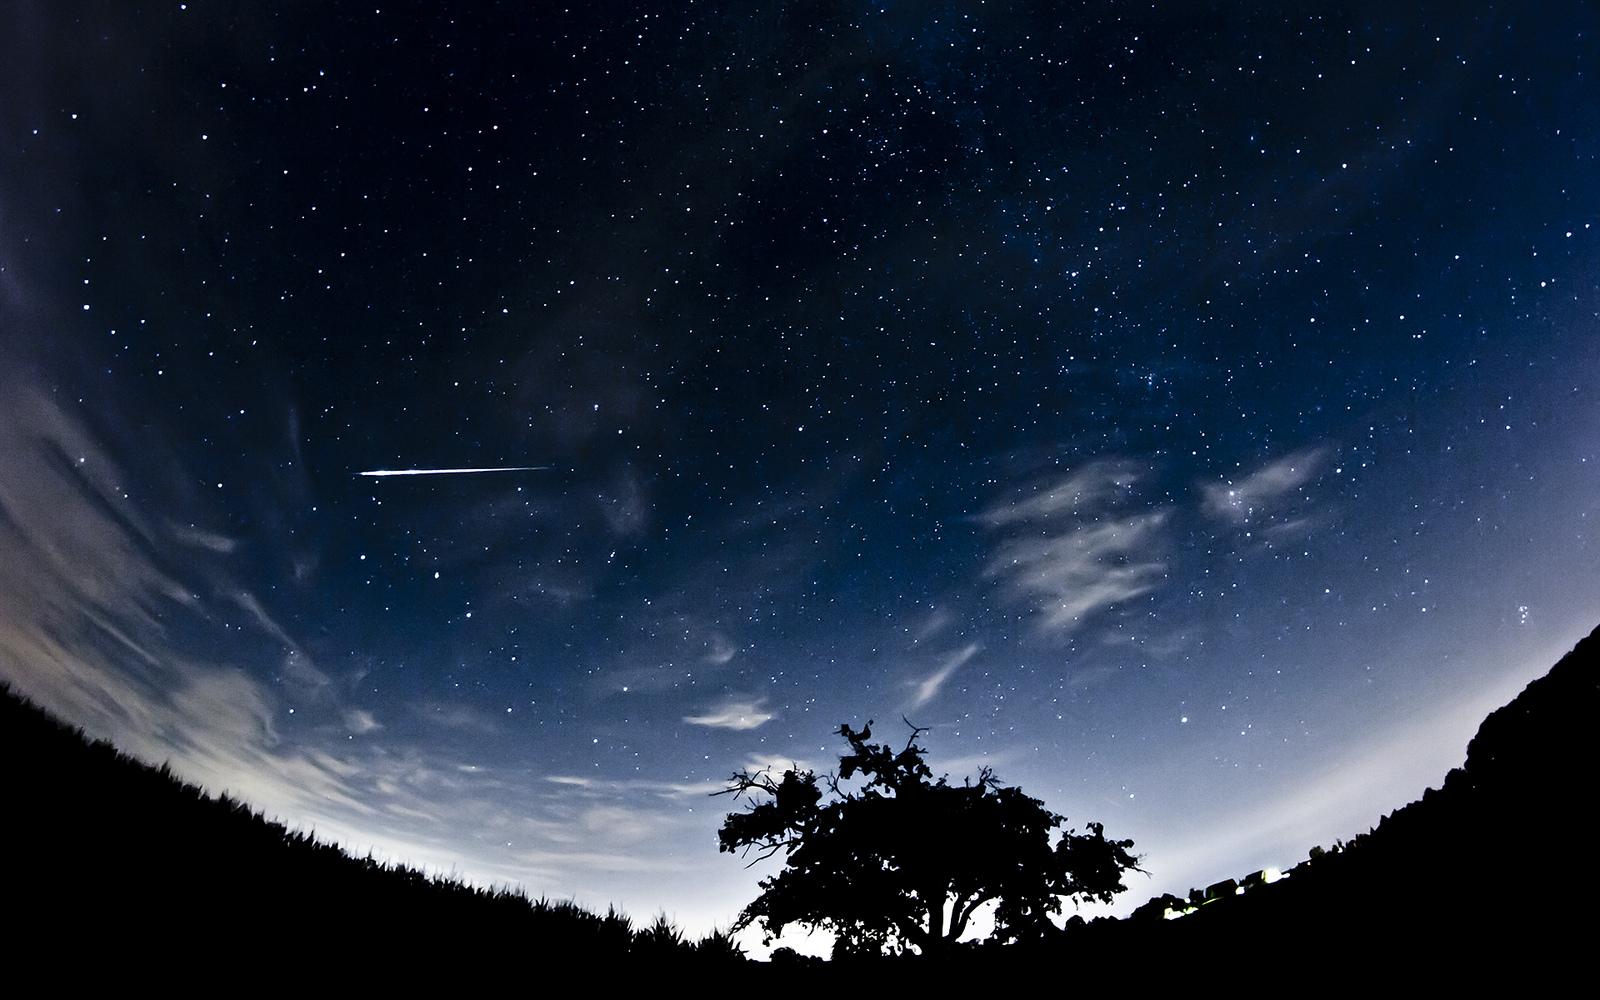 Perseids Meteors